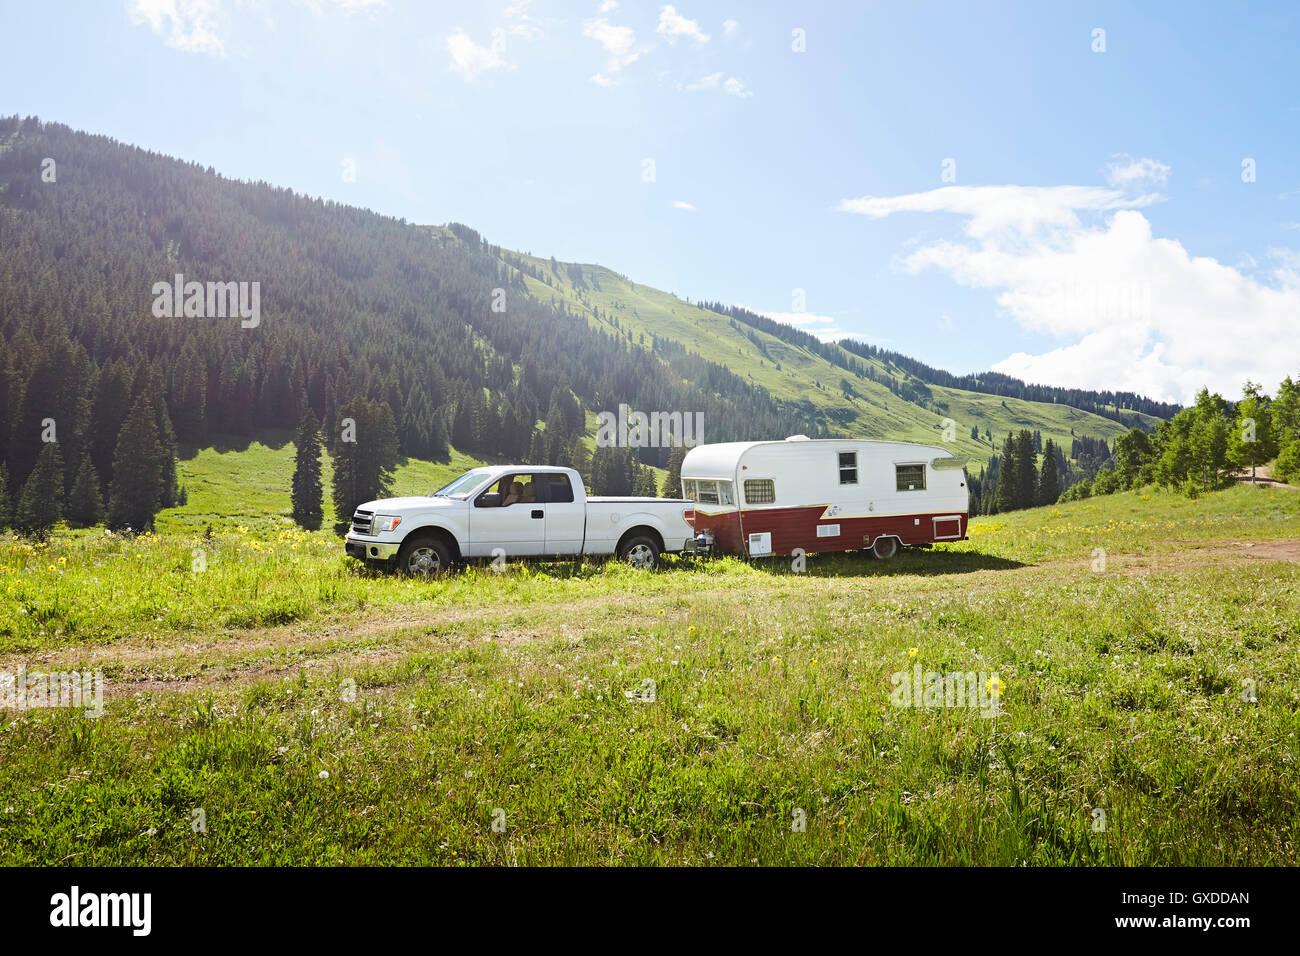 Vehículo de recreación y caravanas aparcadas en paisaje, Crested Butte, Colorado, EE.UU. Imagen De Stock